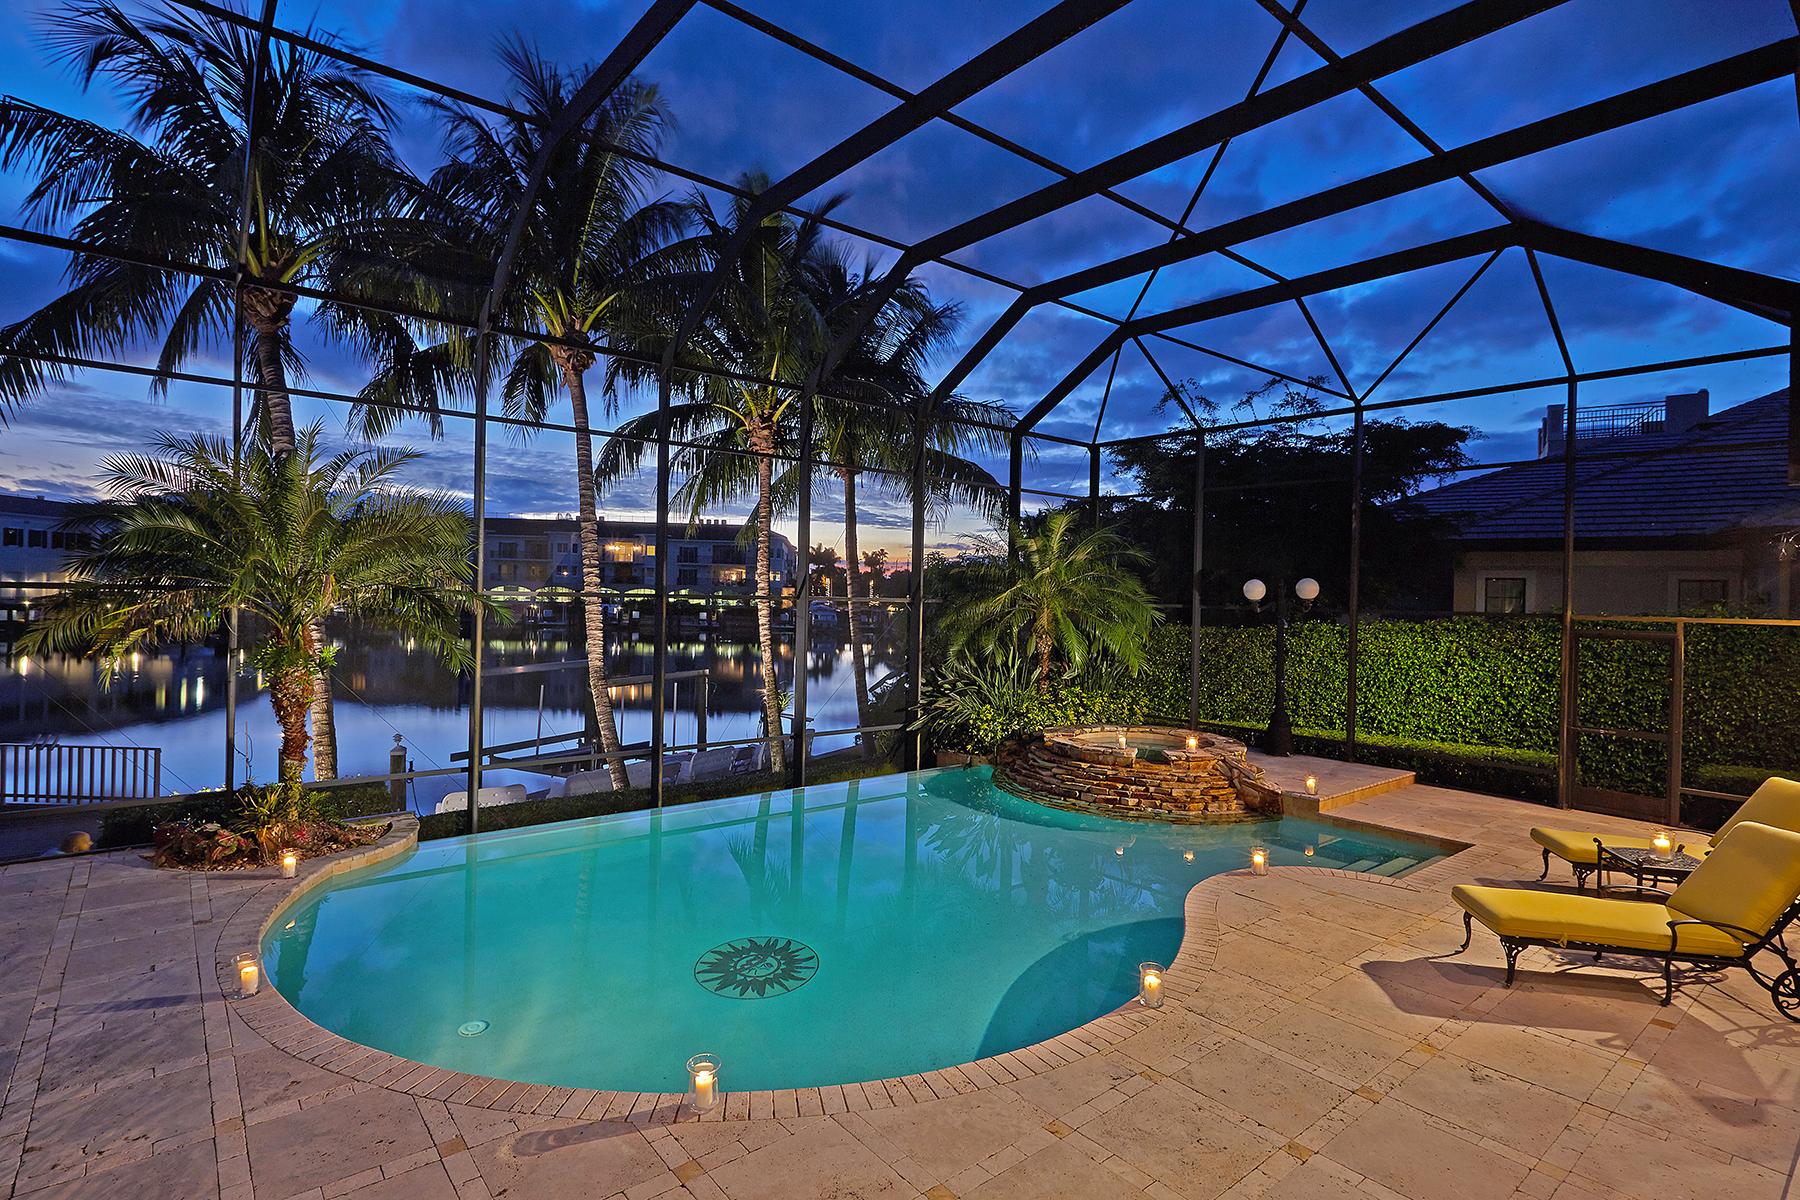 独户住宅 为 销售 在 COQUINA SANDS 1501 Ixora Dr Coquina Sands, 那不勒斯, 佛罗里达州, 34102 美国